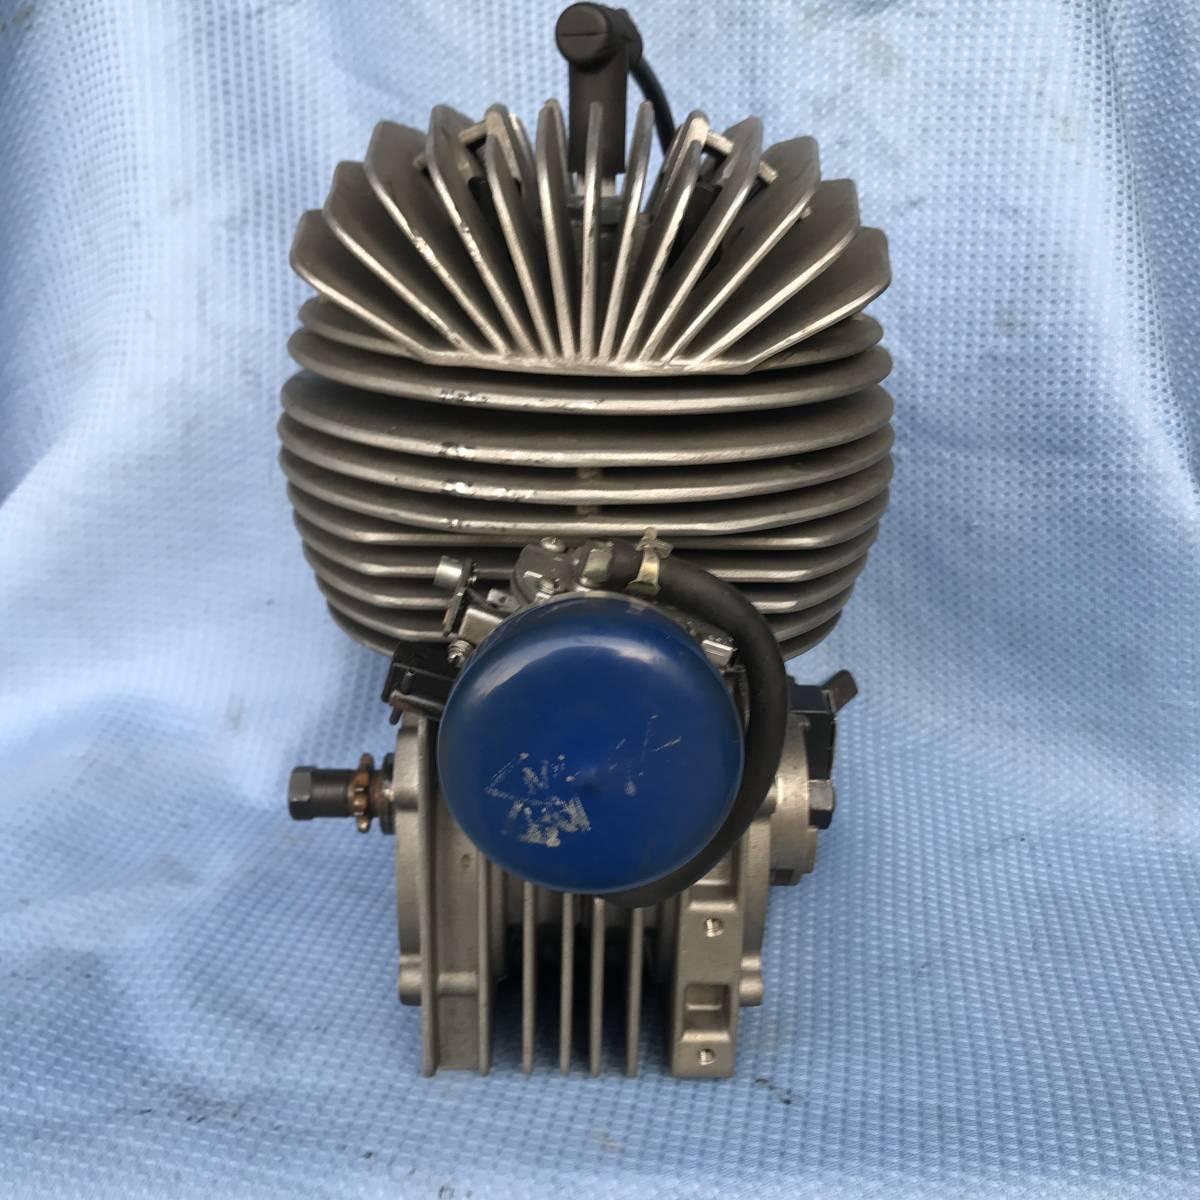 即決 PRD RK100 始動確認 エビデンスあり レーシングカート エンジン 周辺パーツもご用意できます_画像3